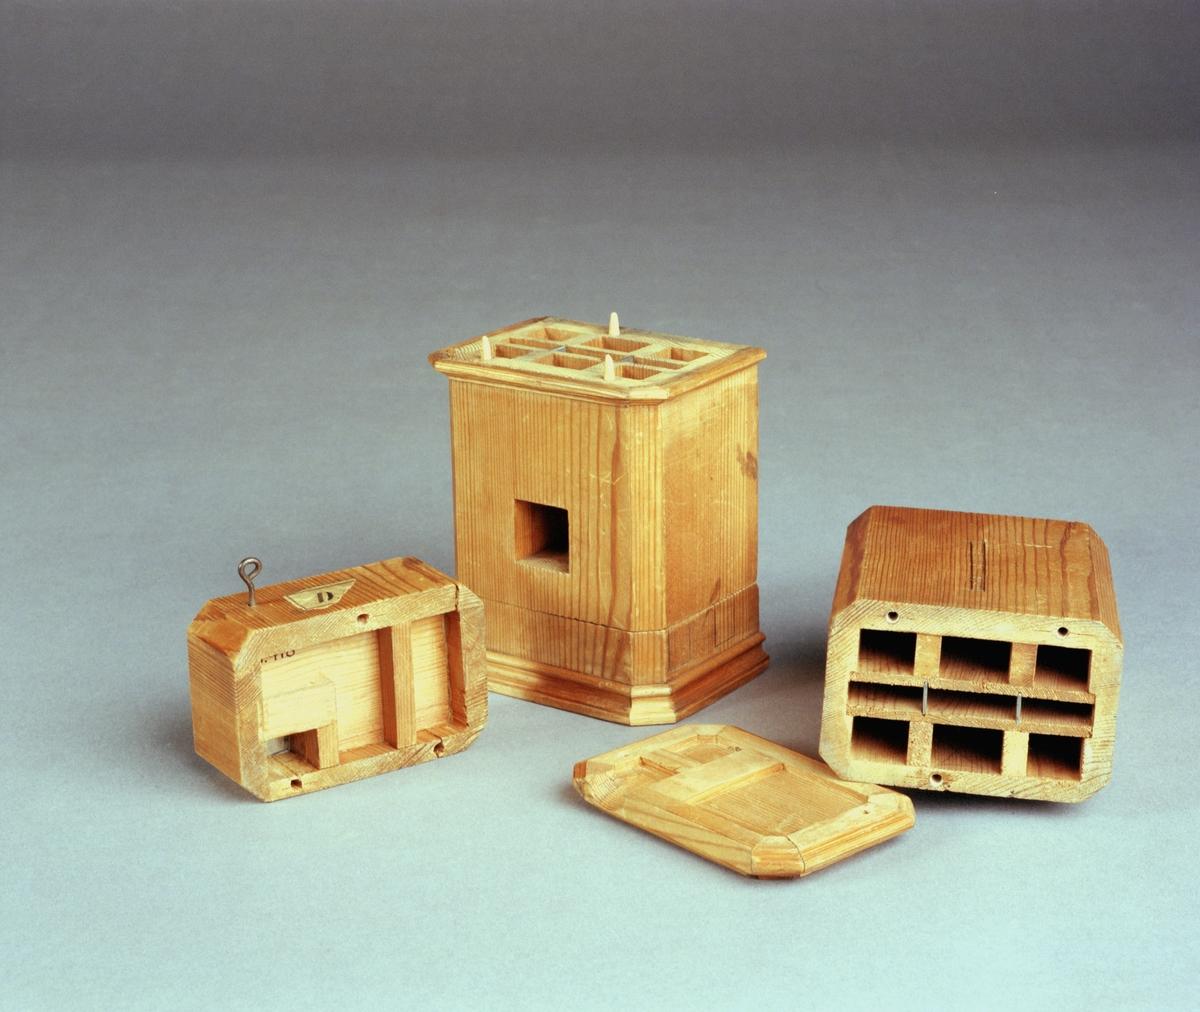 """Modell av kakelugn. Text på föremålet: """"D. ?"""". I Jonas Norbergs förteckning från 1779 beskrivs modellen på följande sätt: """" Modell på kakelugn med 4 rör, som eld och rök går igenom, samt 3 rör genom hvilka värmen spelar, til rummets häftiga upvärmande, och det aldrastarkast, medan elden ännu brinner."""""""